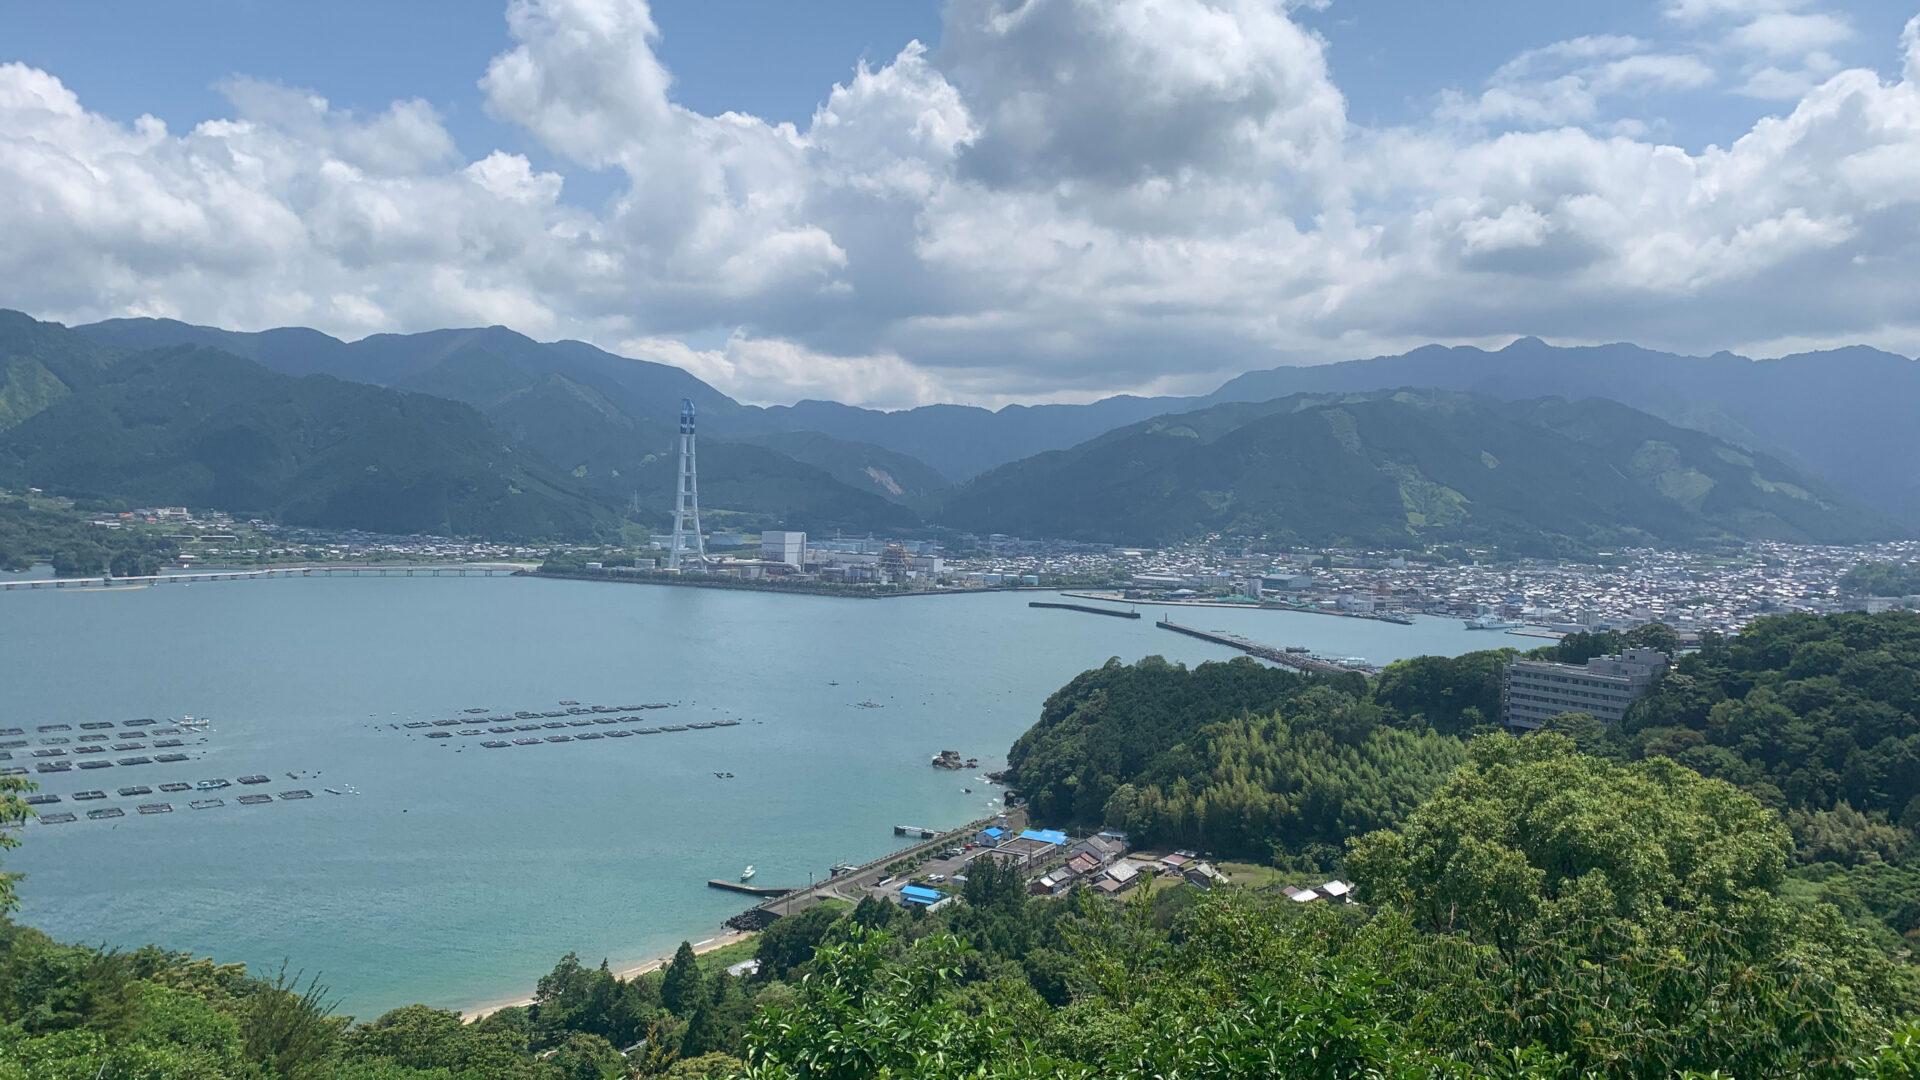 熊野古道だけでない「おわせ海・山ツーデーウォーク」ロングコースの魅力を満喫